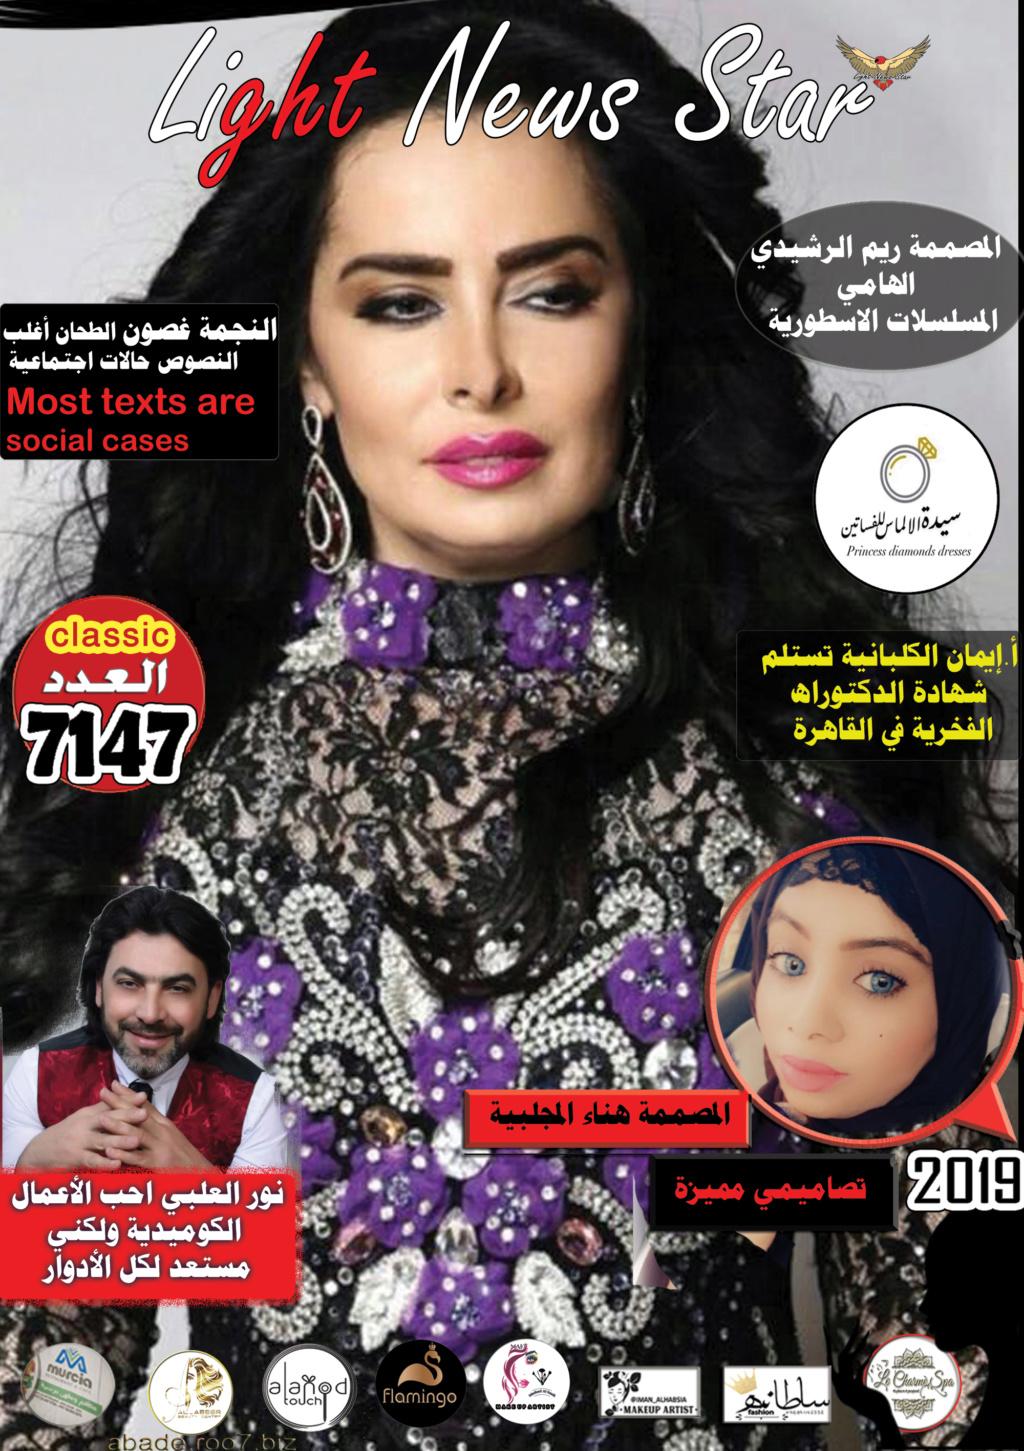 أخبار نجوم الفن والمشاهير 7147  من المصدرمباشرlight news star Ia010